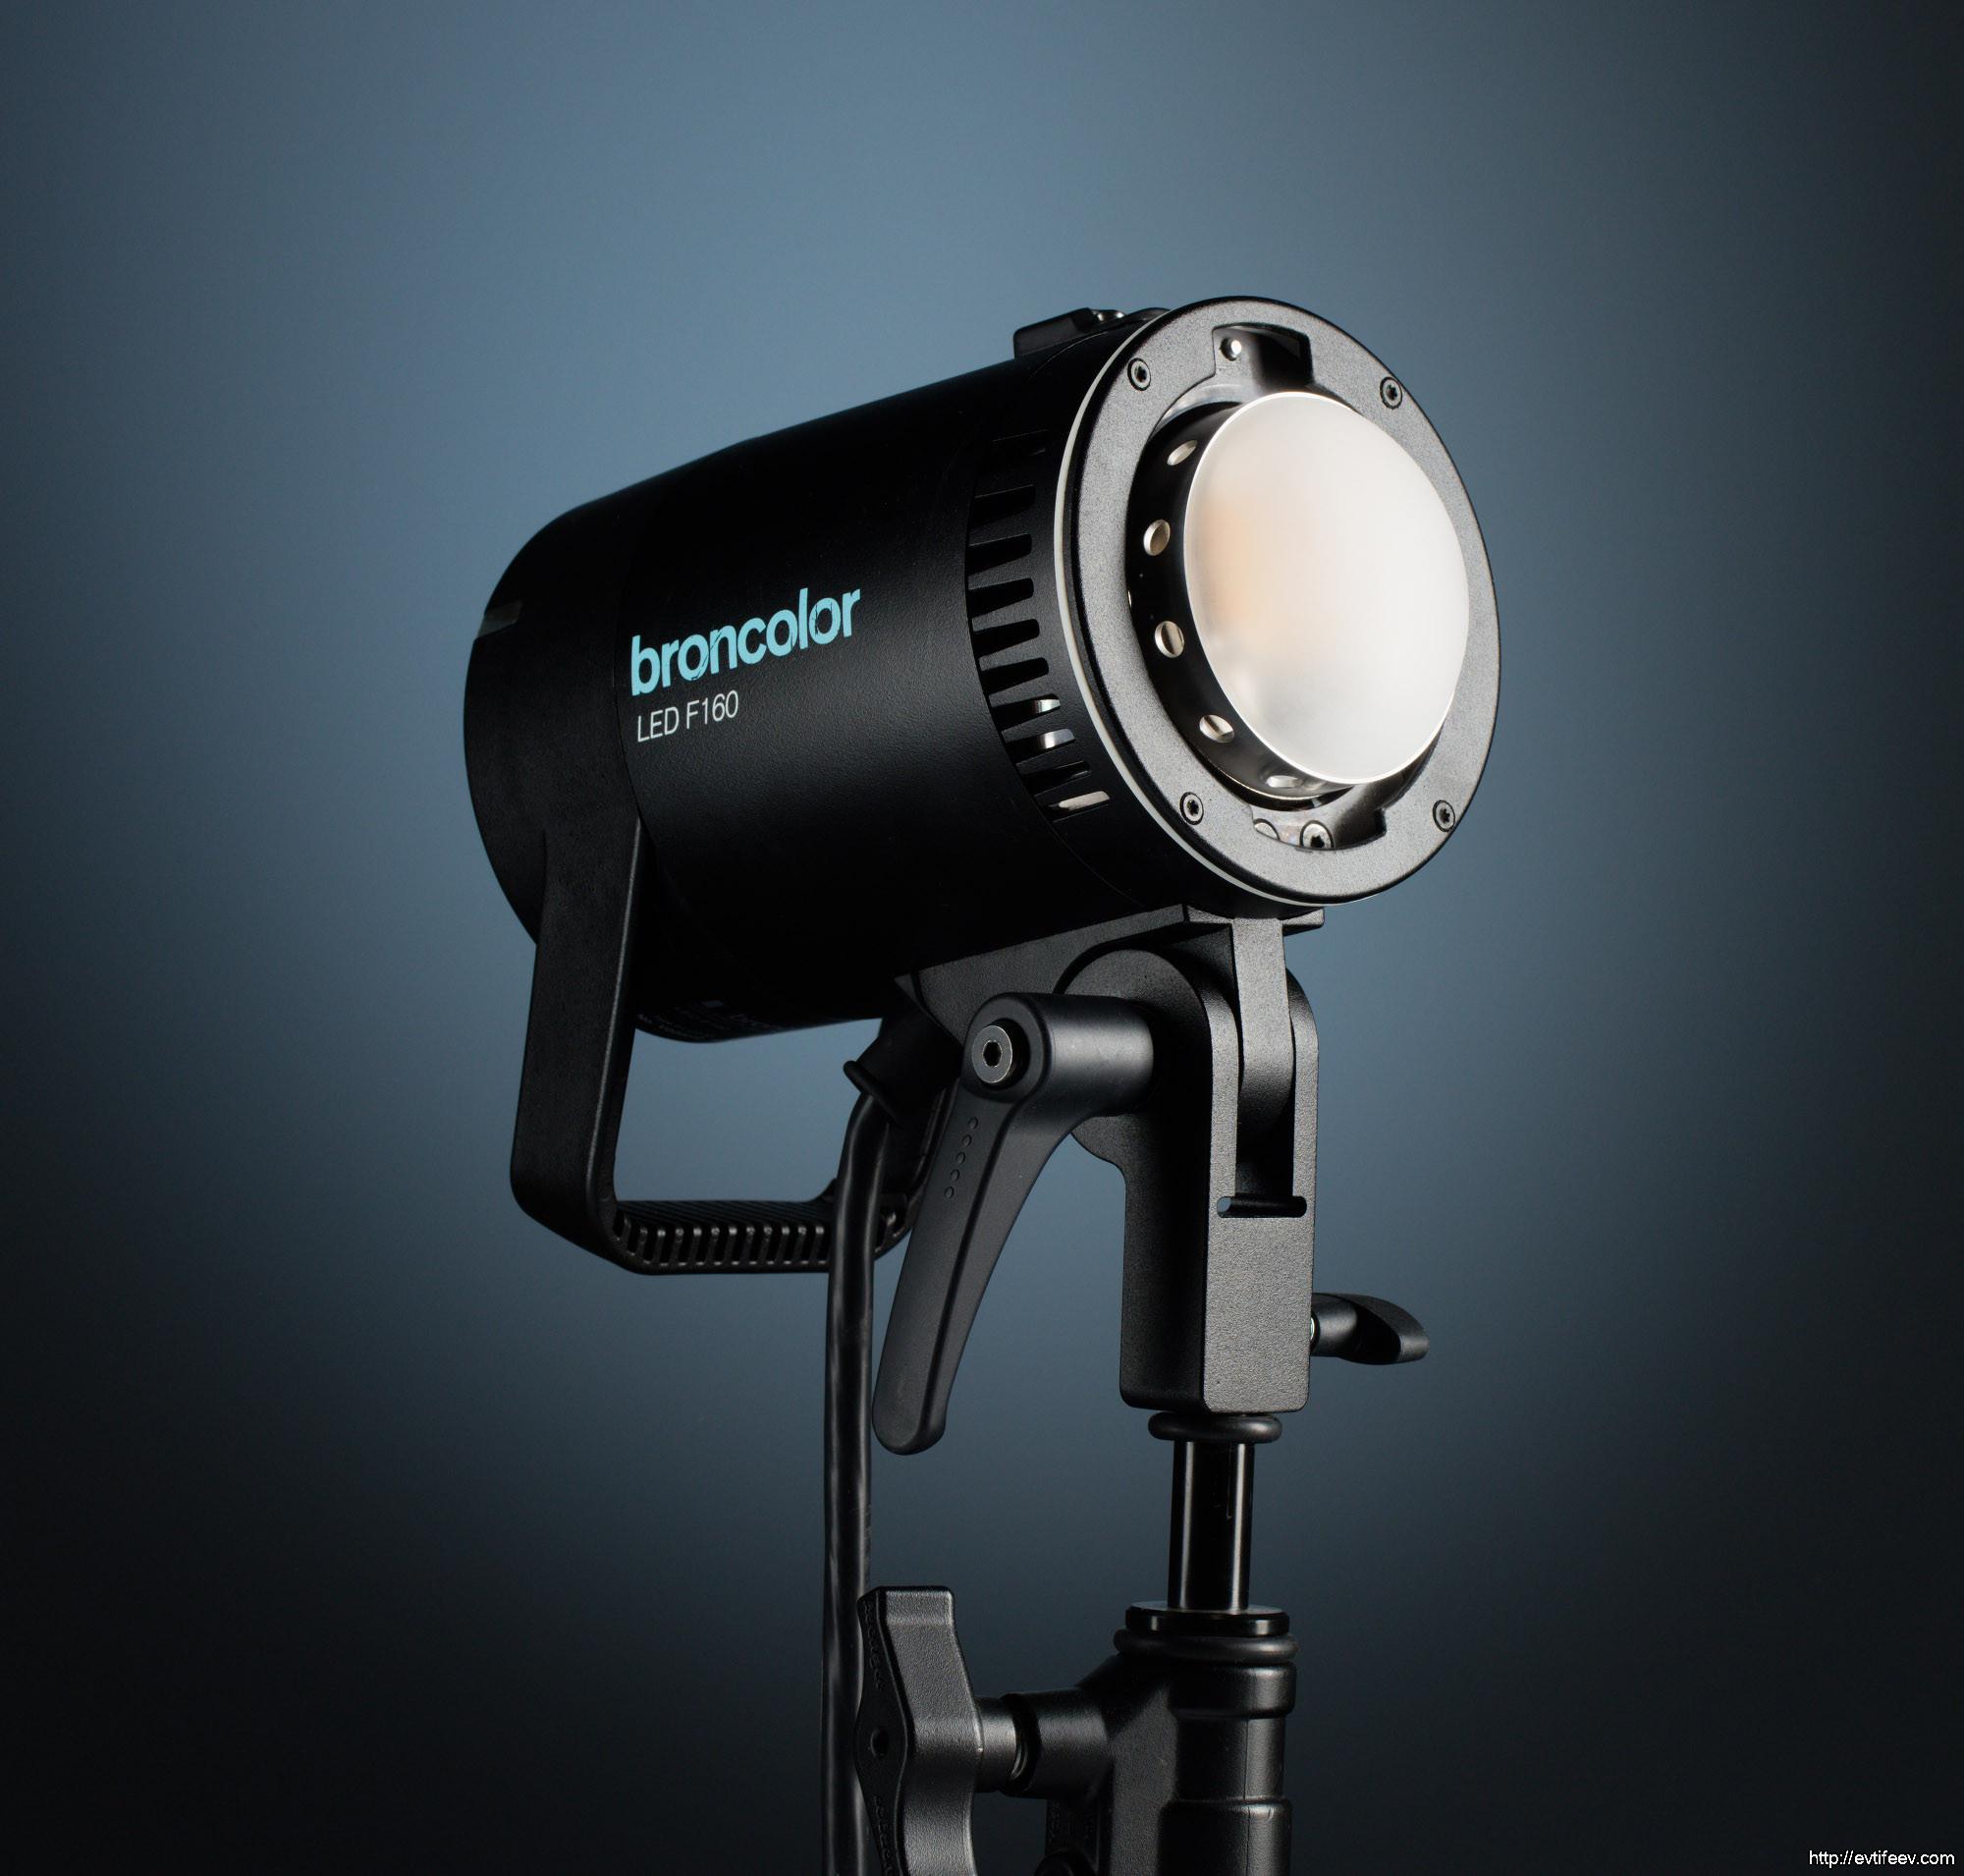 Первые впечатления от светодиодного источника света Broncolor LED F160